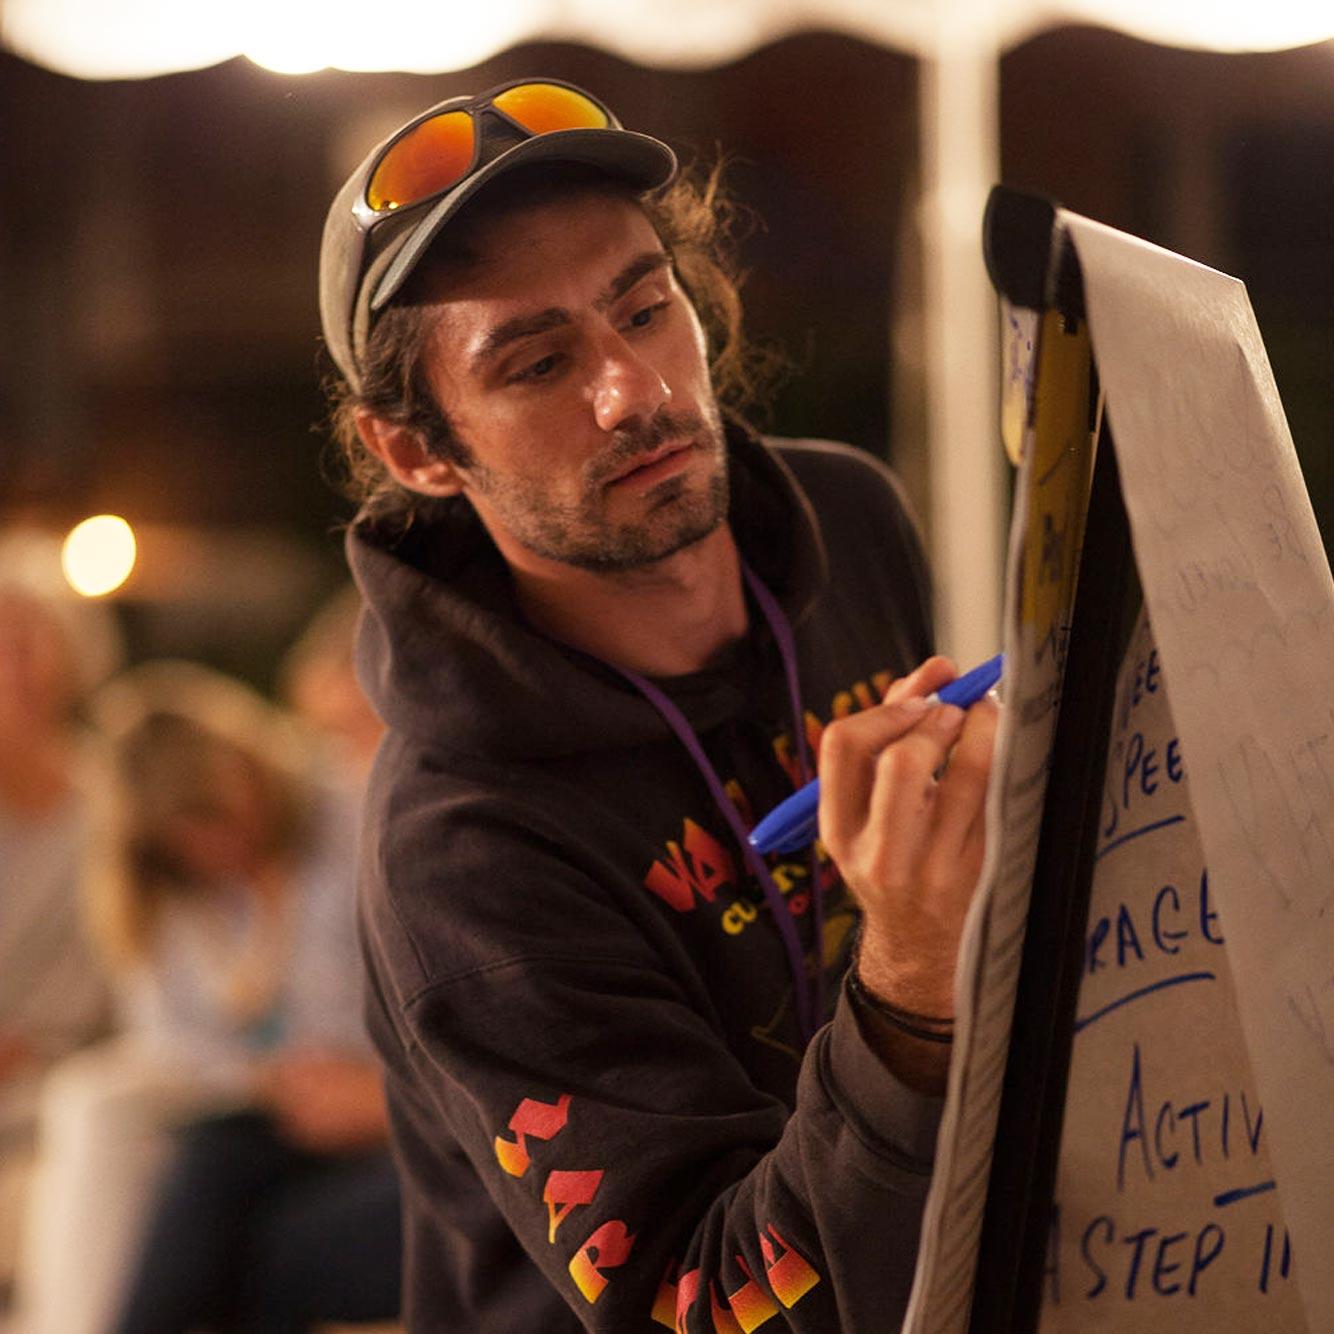 Ben Jundanian - Artist, Creative Force